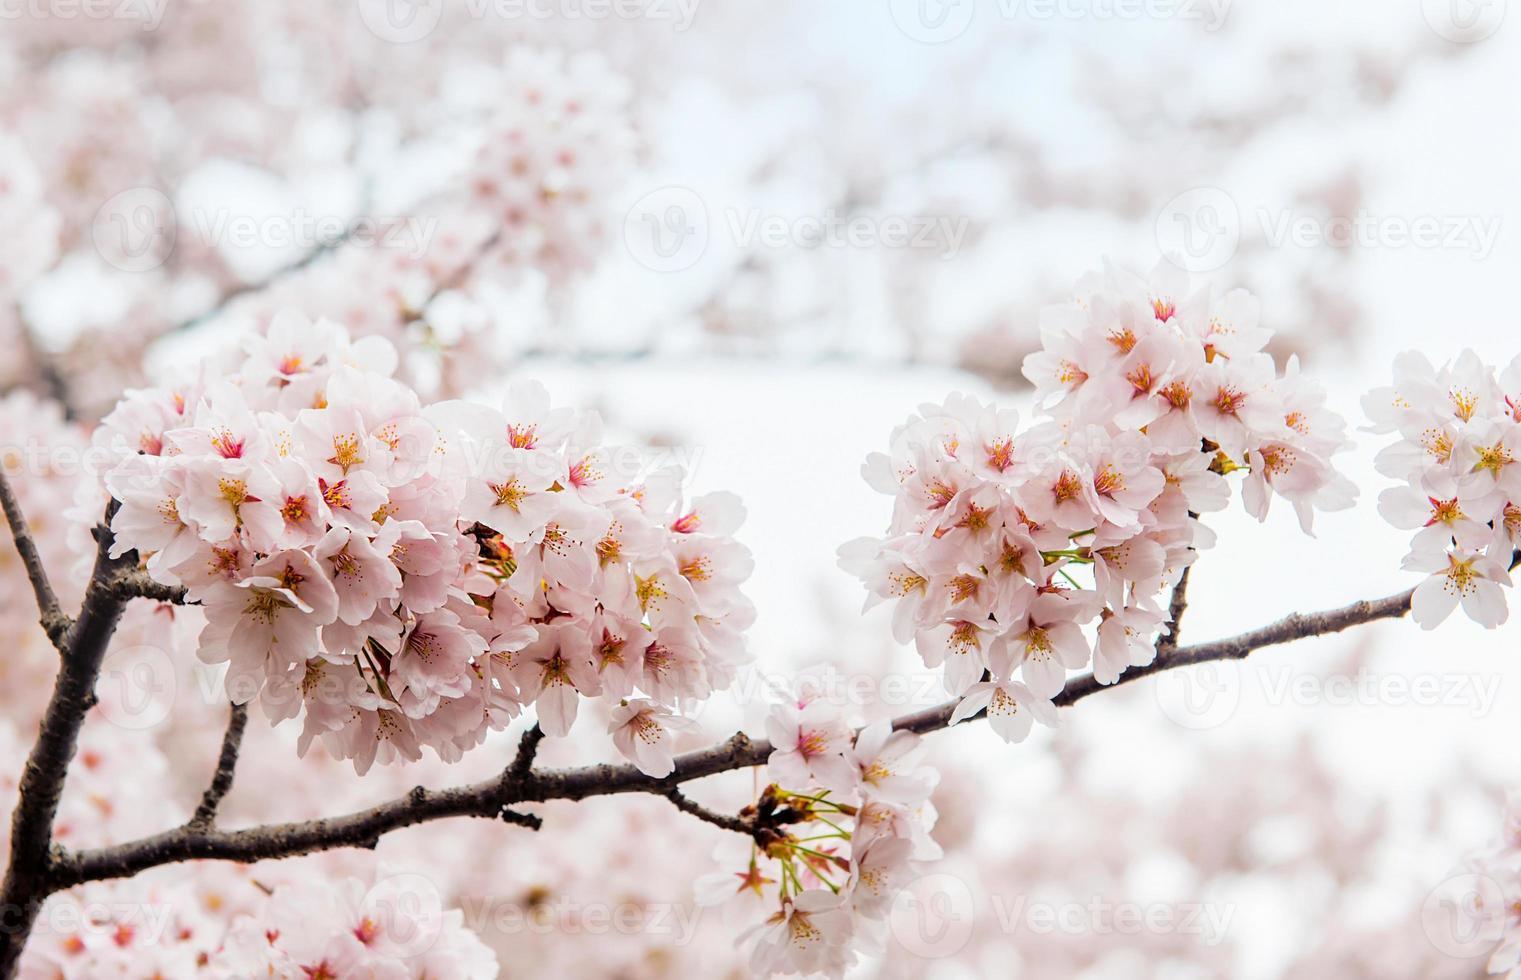 flor de cerezo con enfoque suave, temporada de sakura en Corea foto